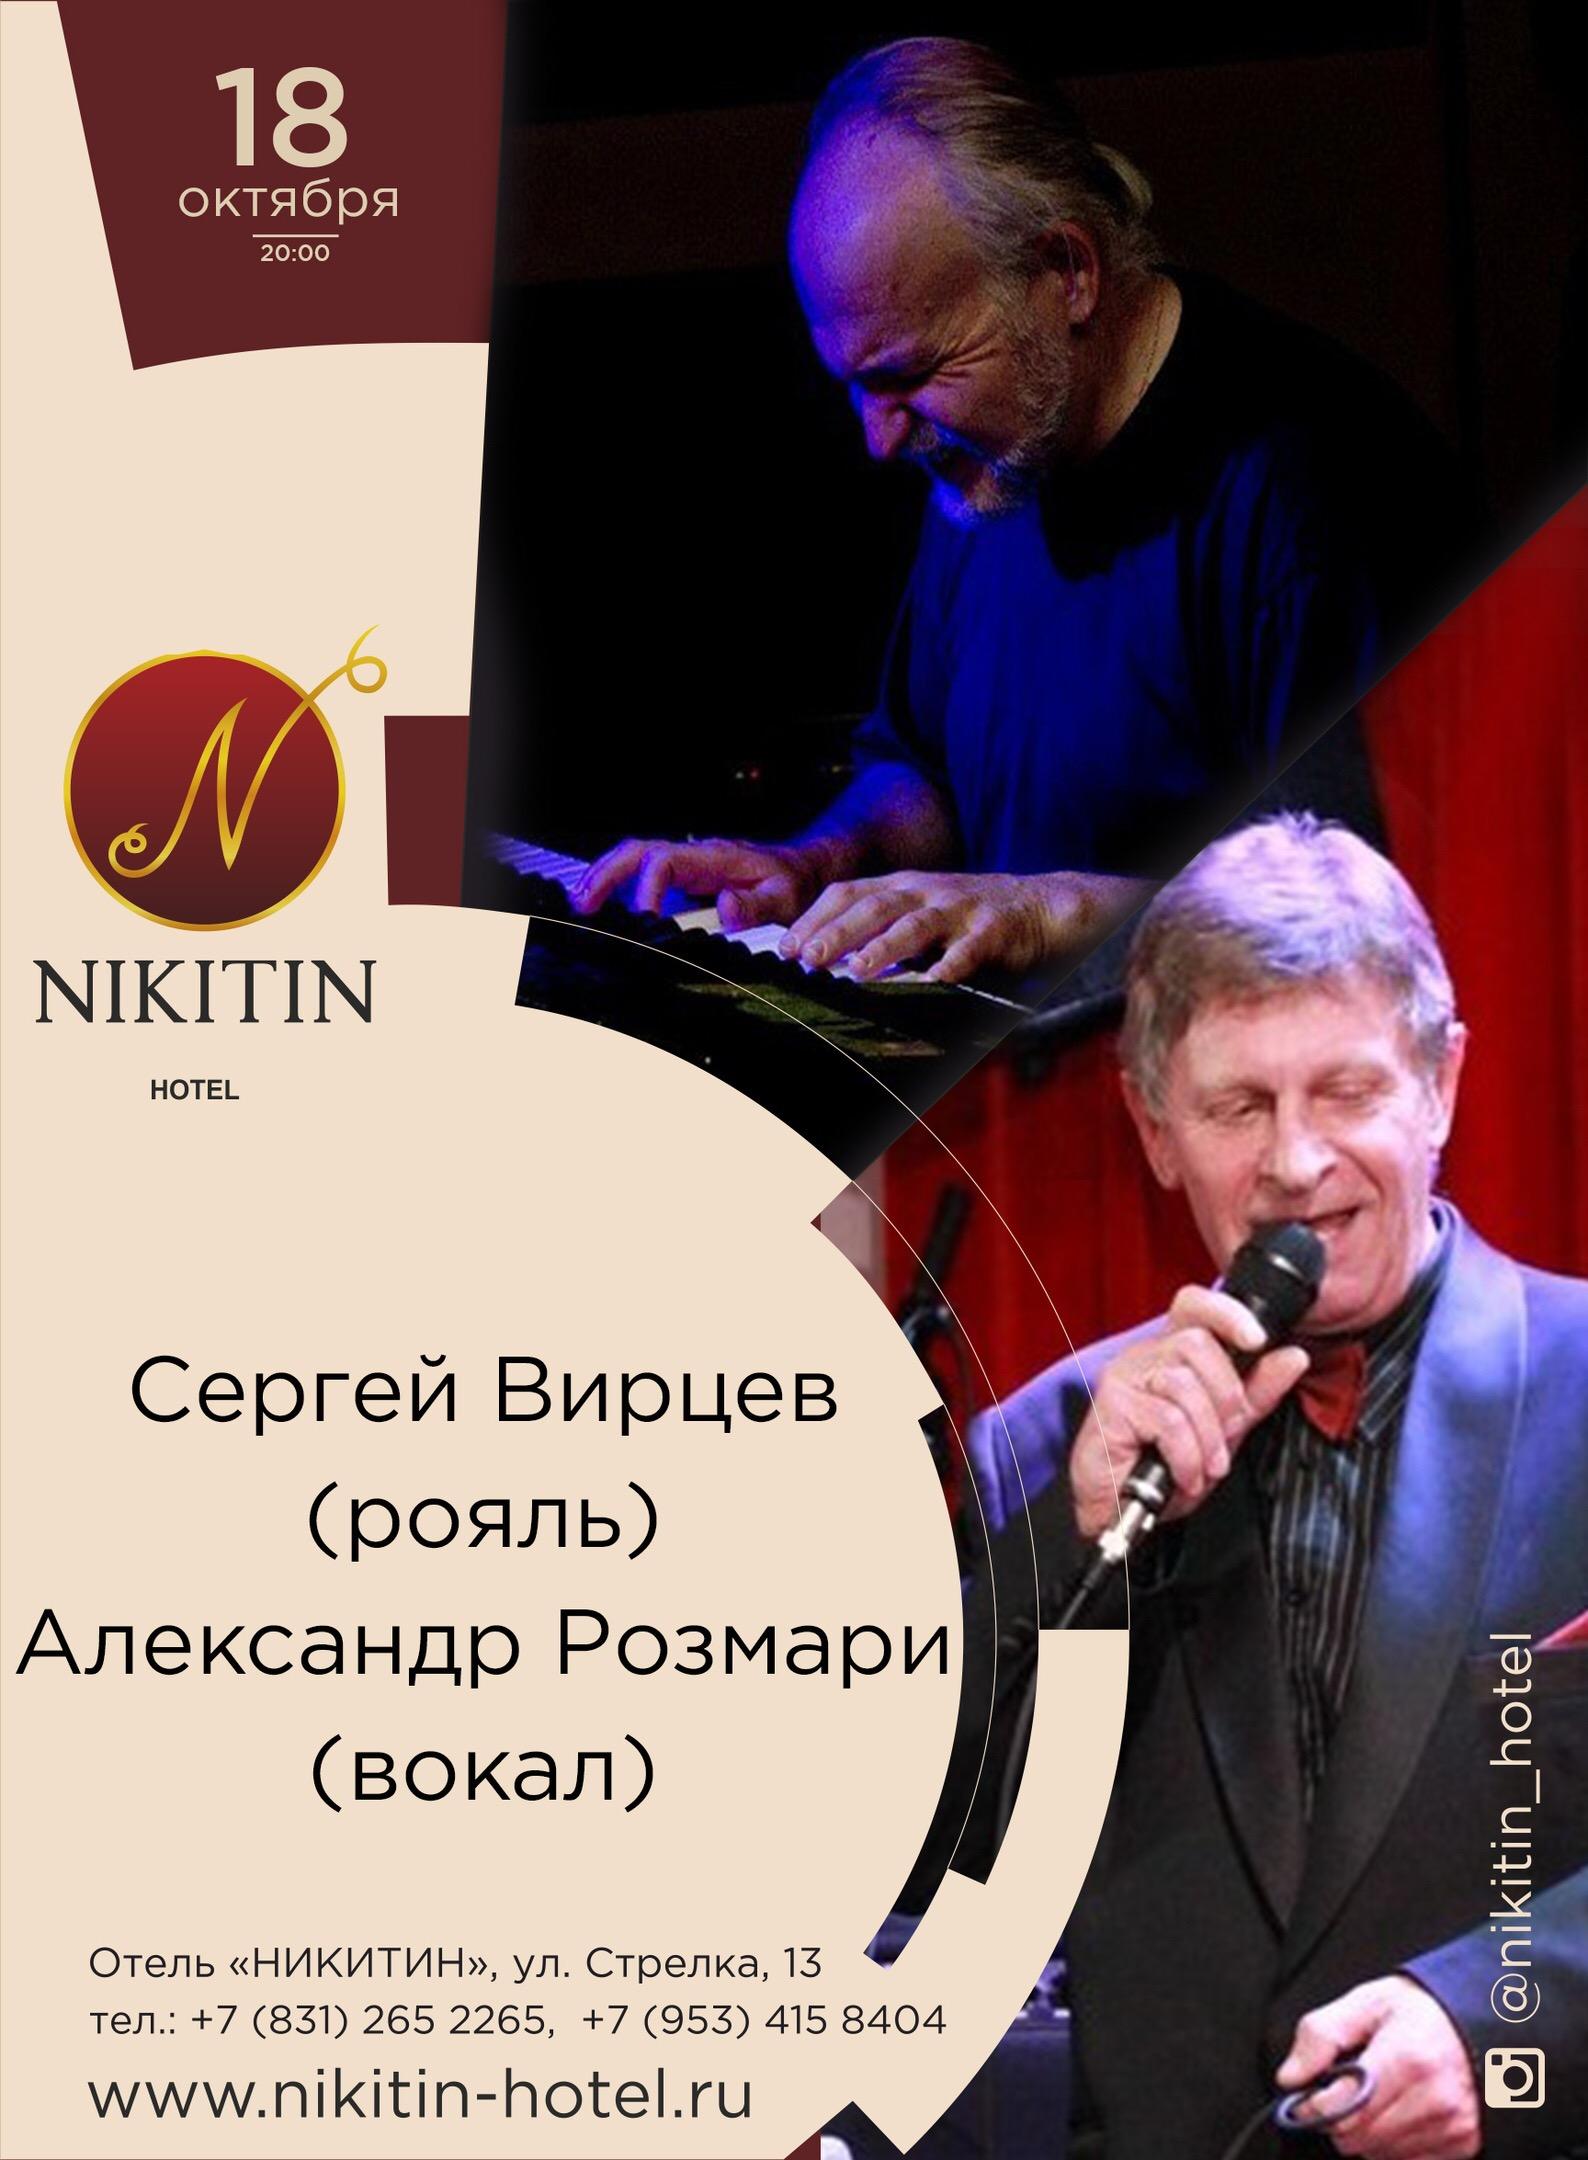 Сергей Вирцев (рояль) и Александр Розмари (вокал)